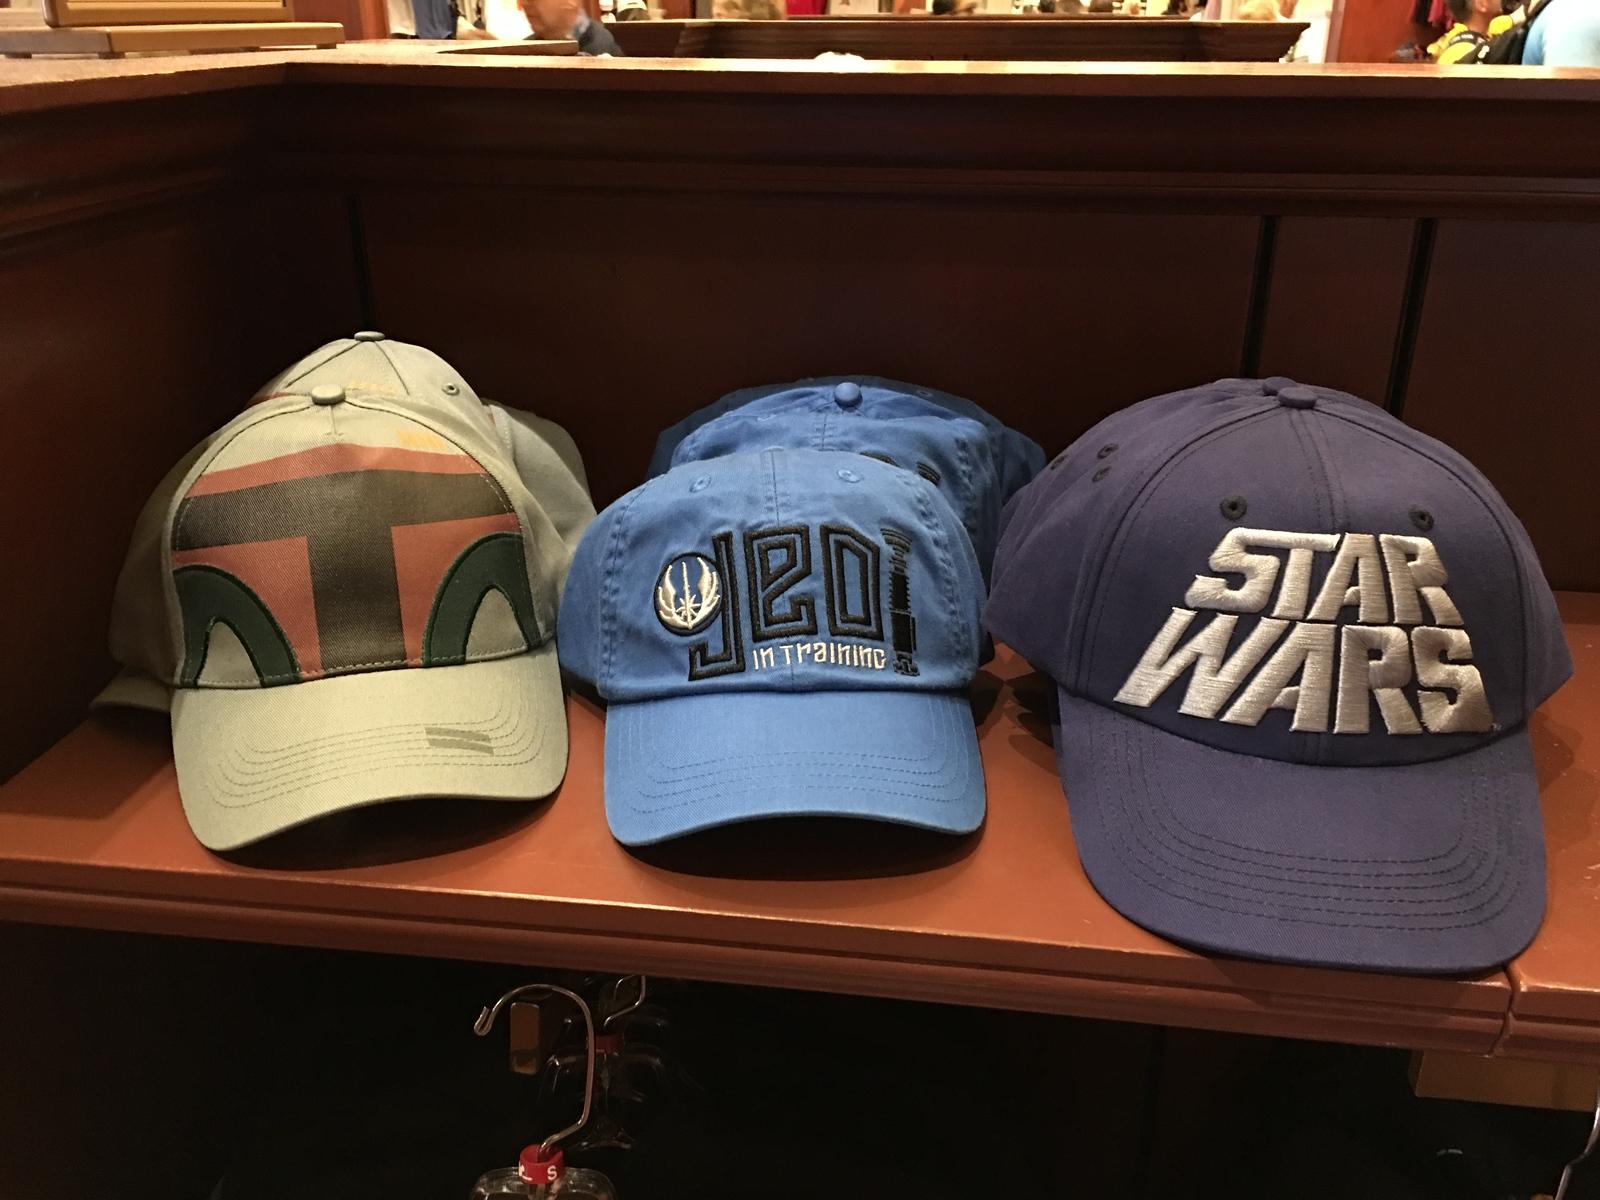 Star Wars Hats - Walt Disney World Magic Kingdom